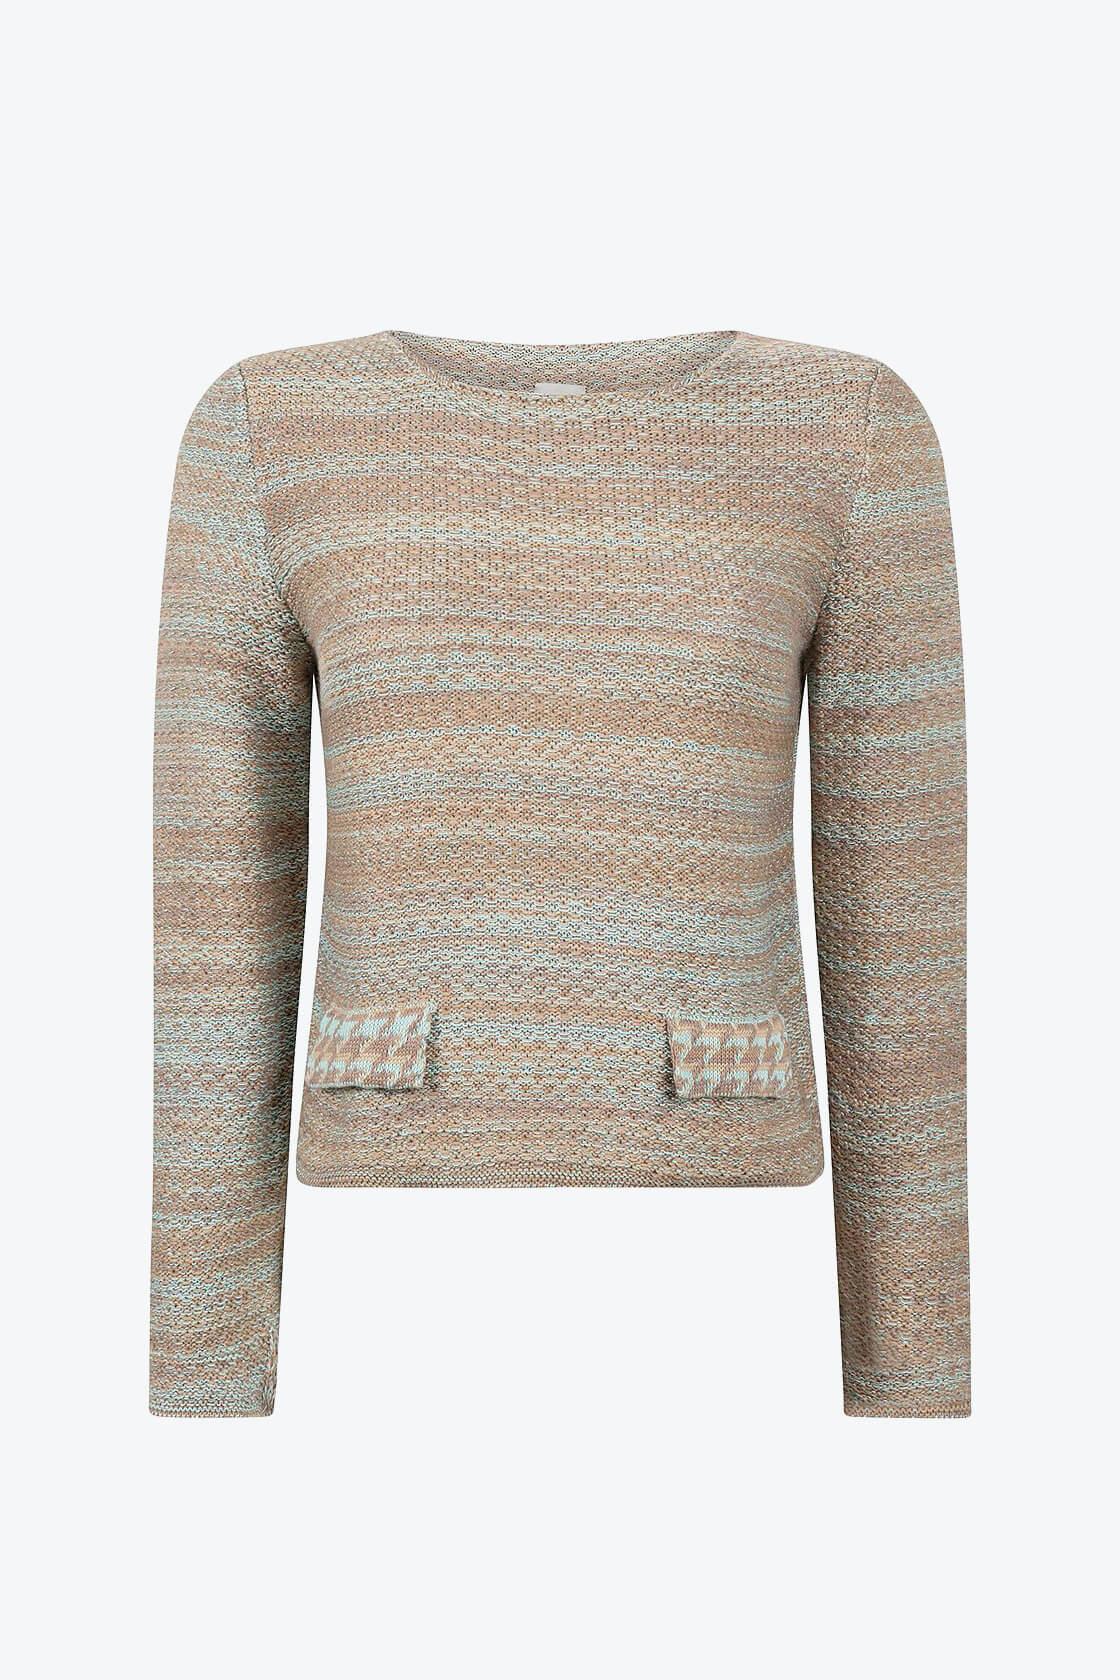 Elegant Knitted Jumper In Audrey Hepburn Style Tweed Fair